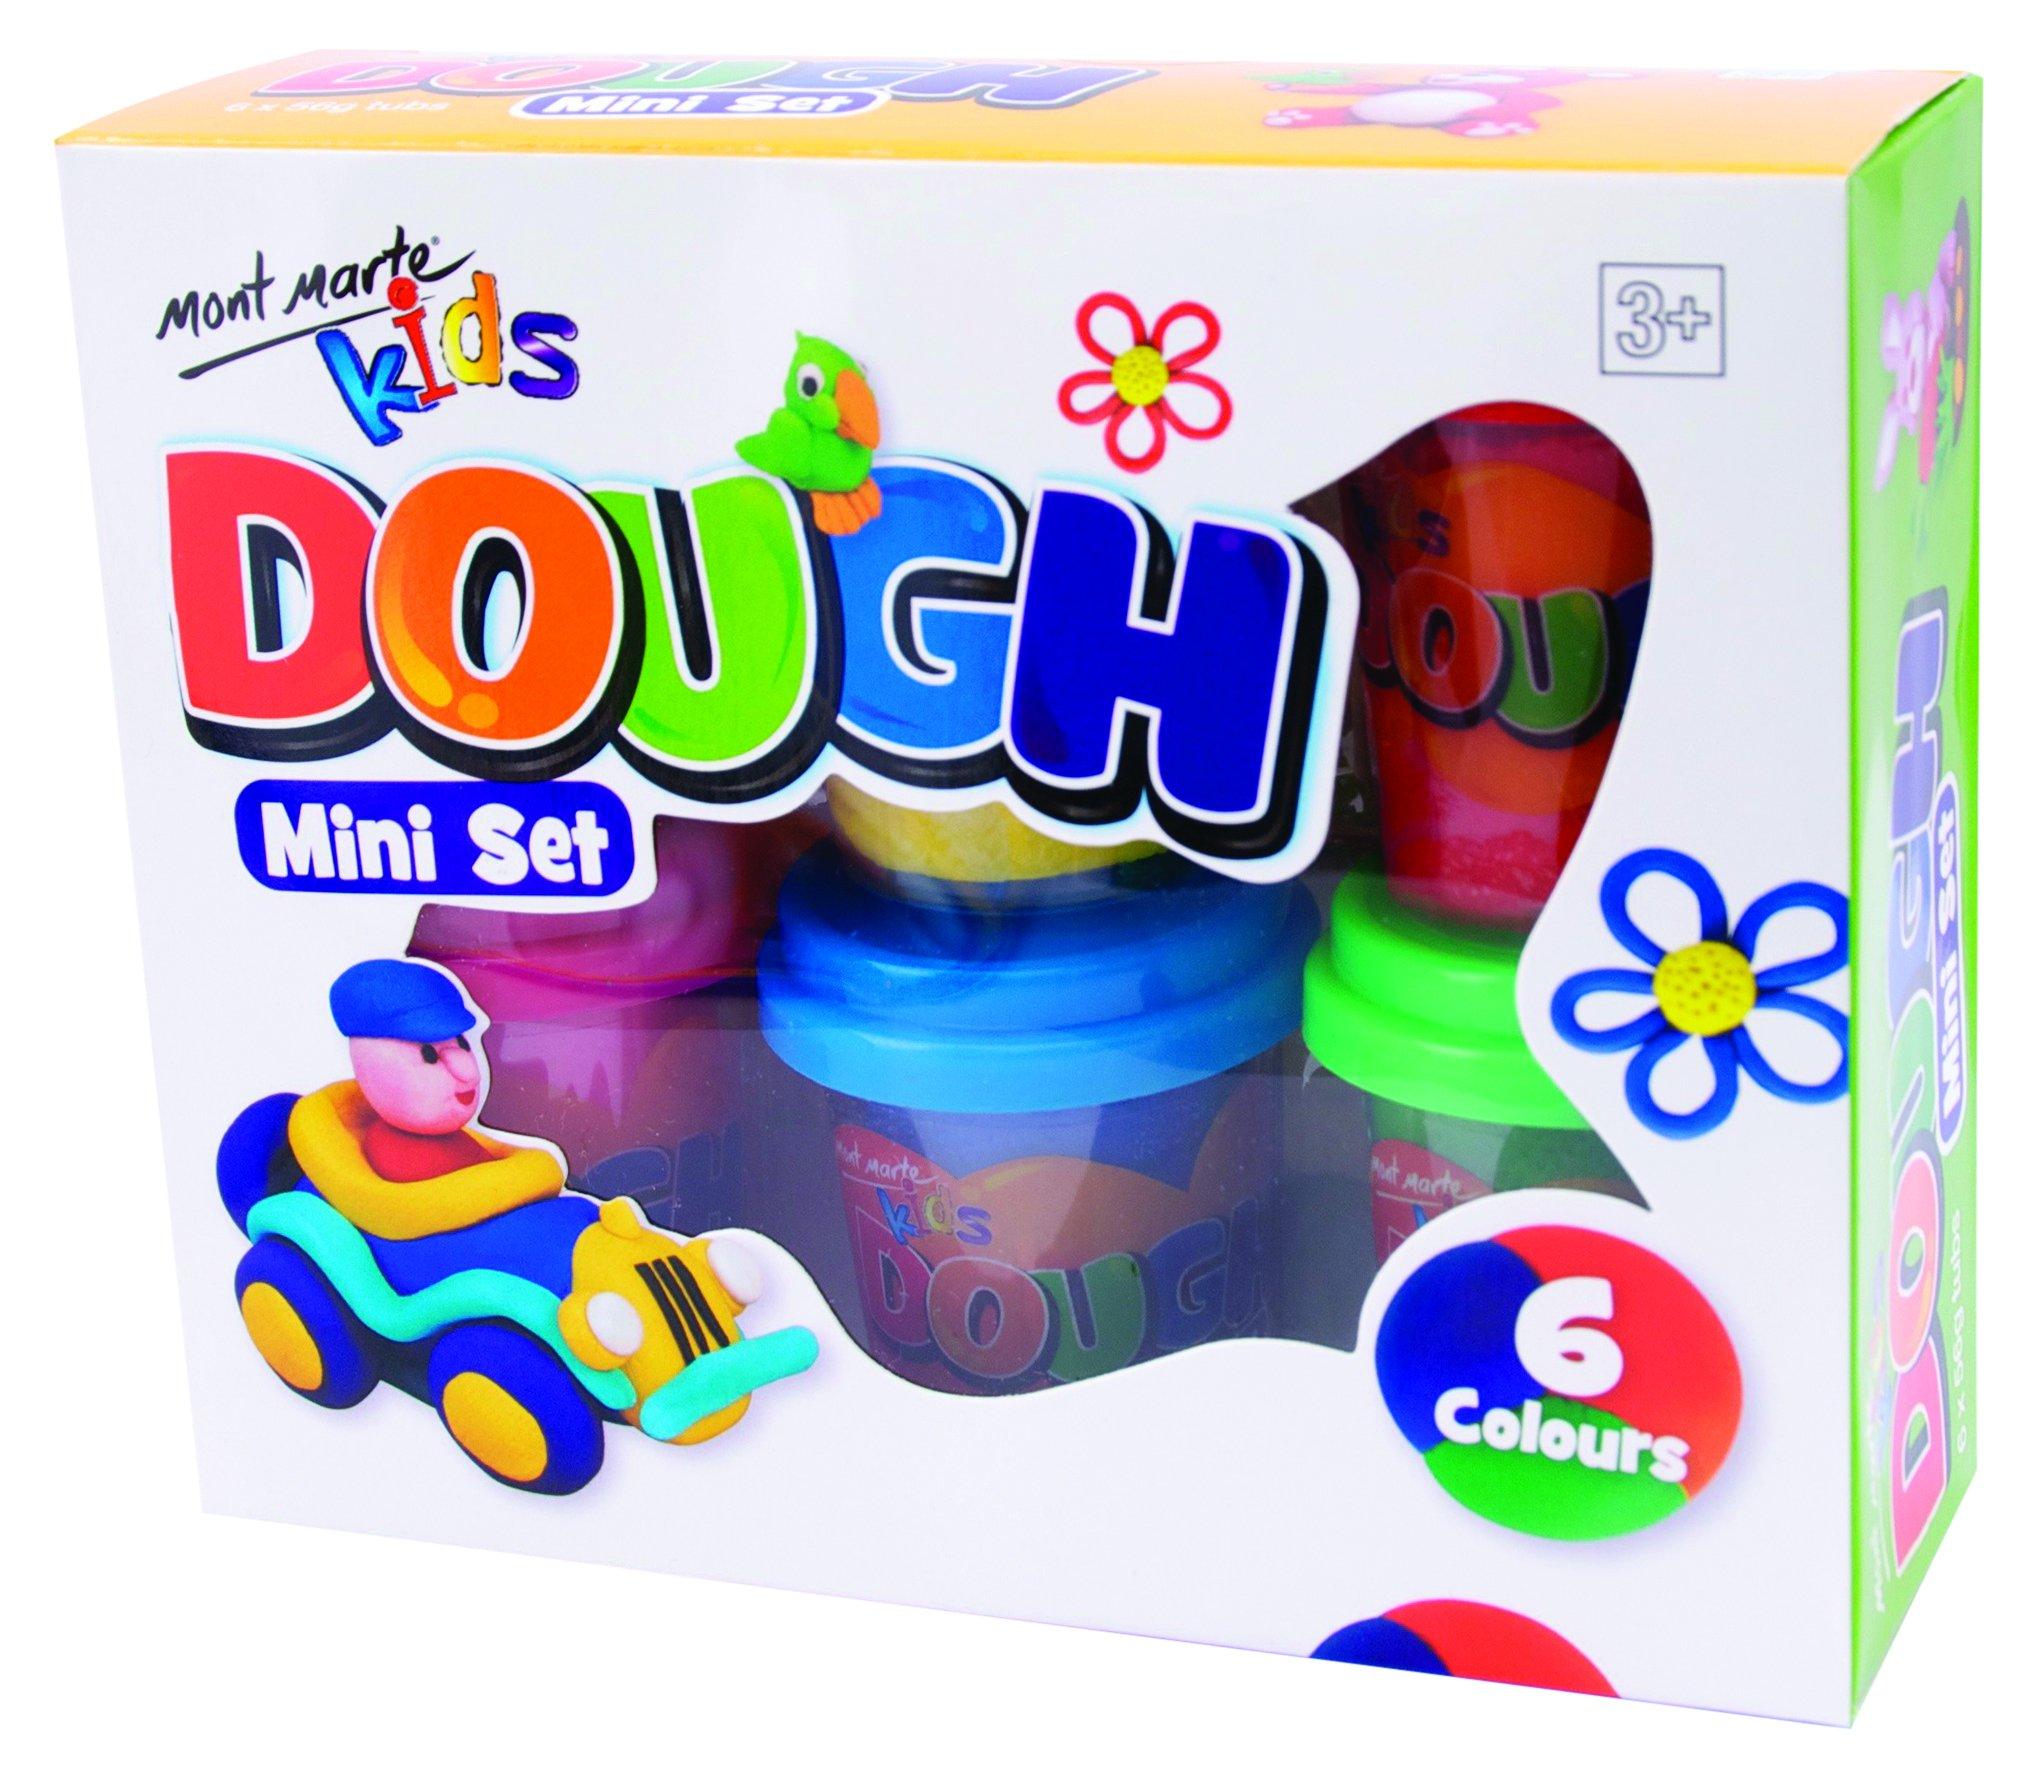 Mont Marte Kids Dough 6pce x 60g